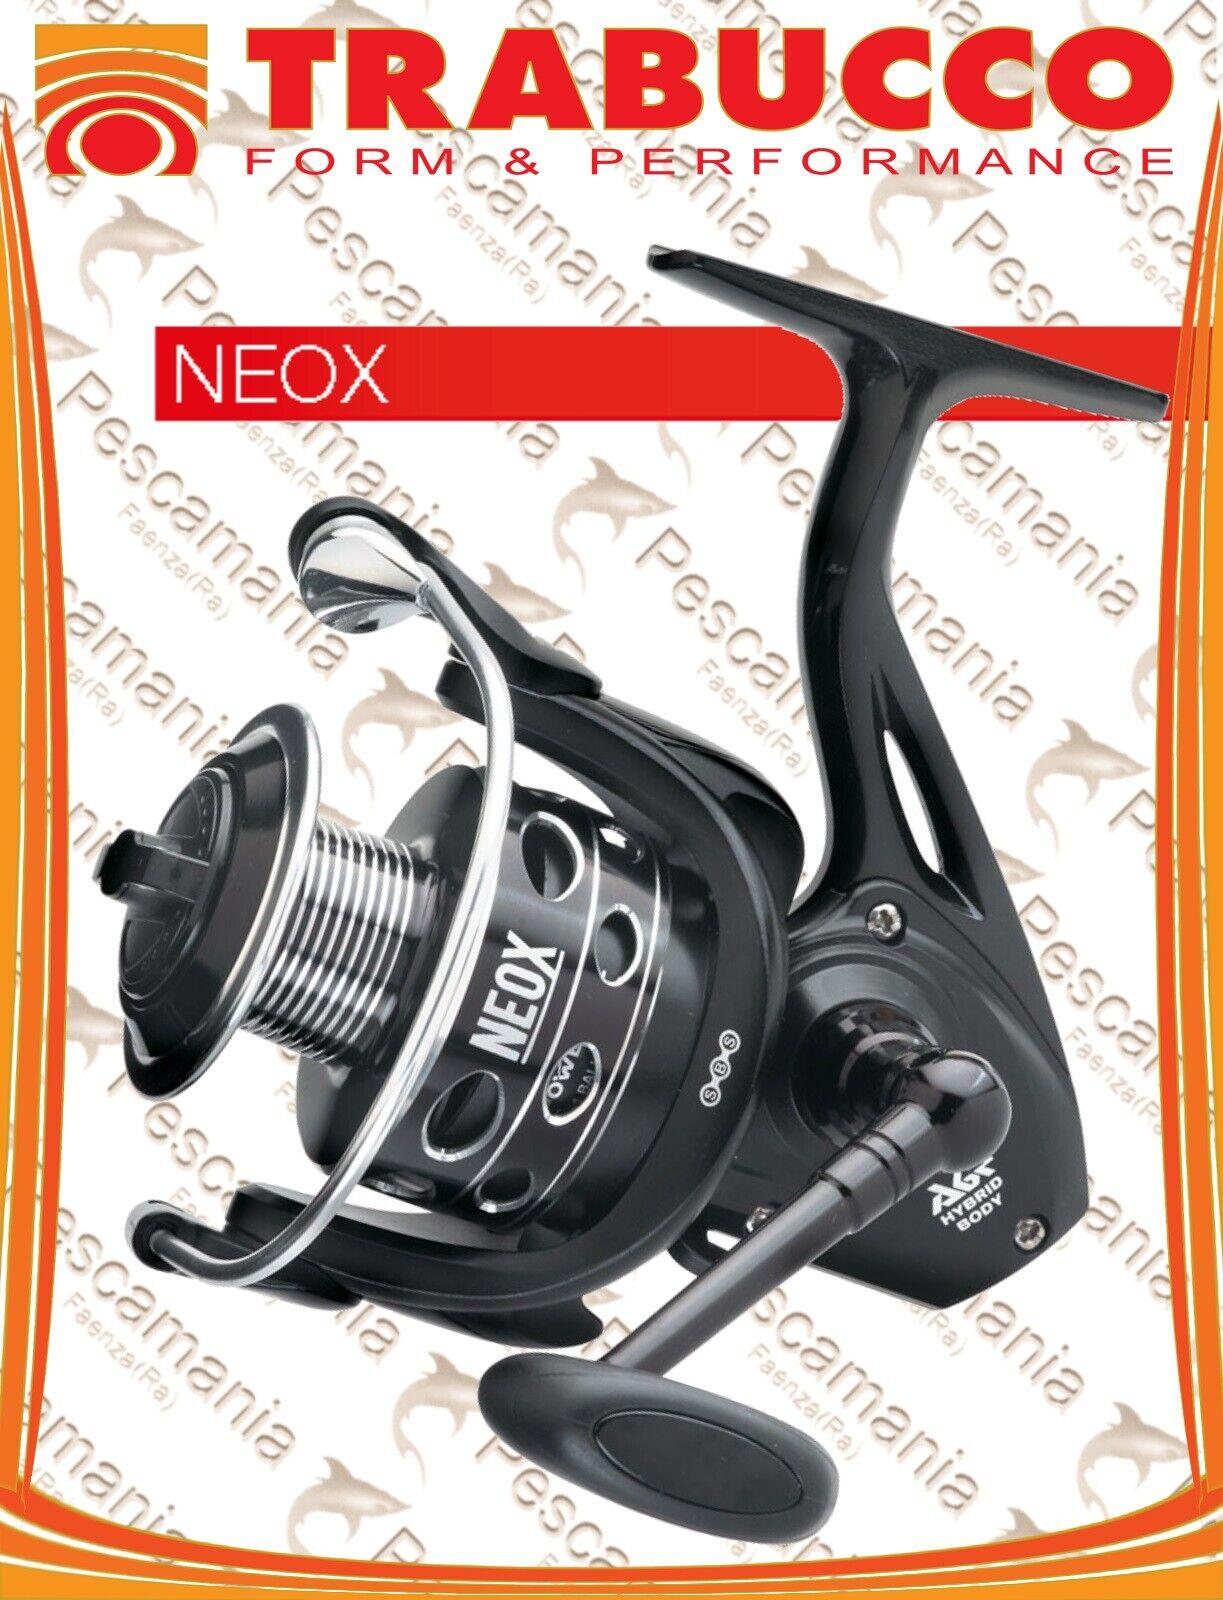 Mulinello Trabucco NEOX FD 2000-3000-4000-6000